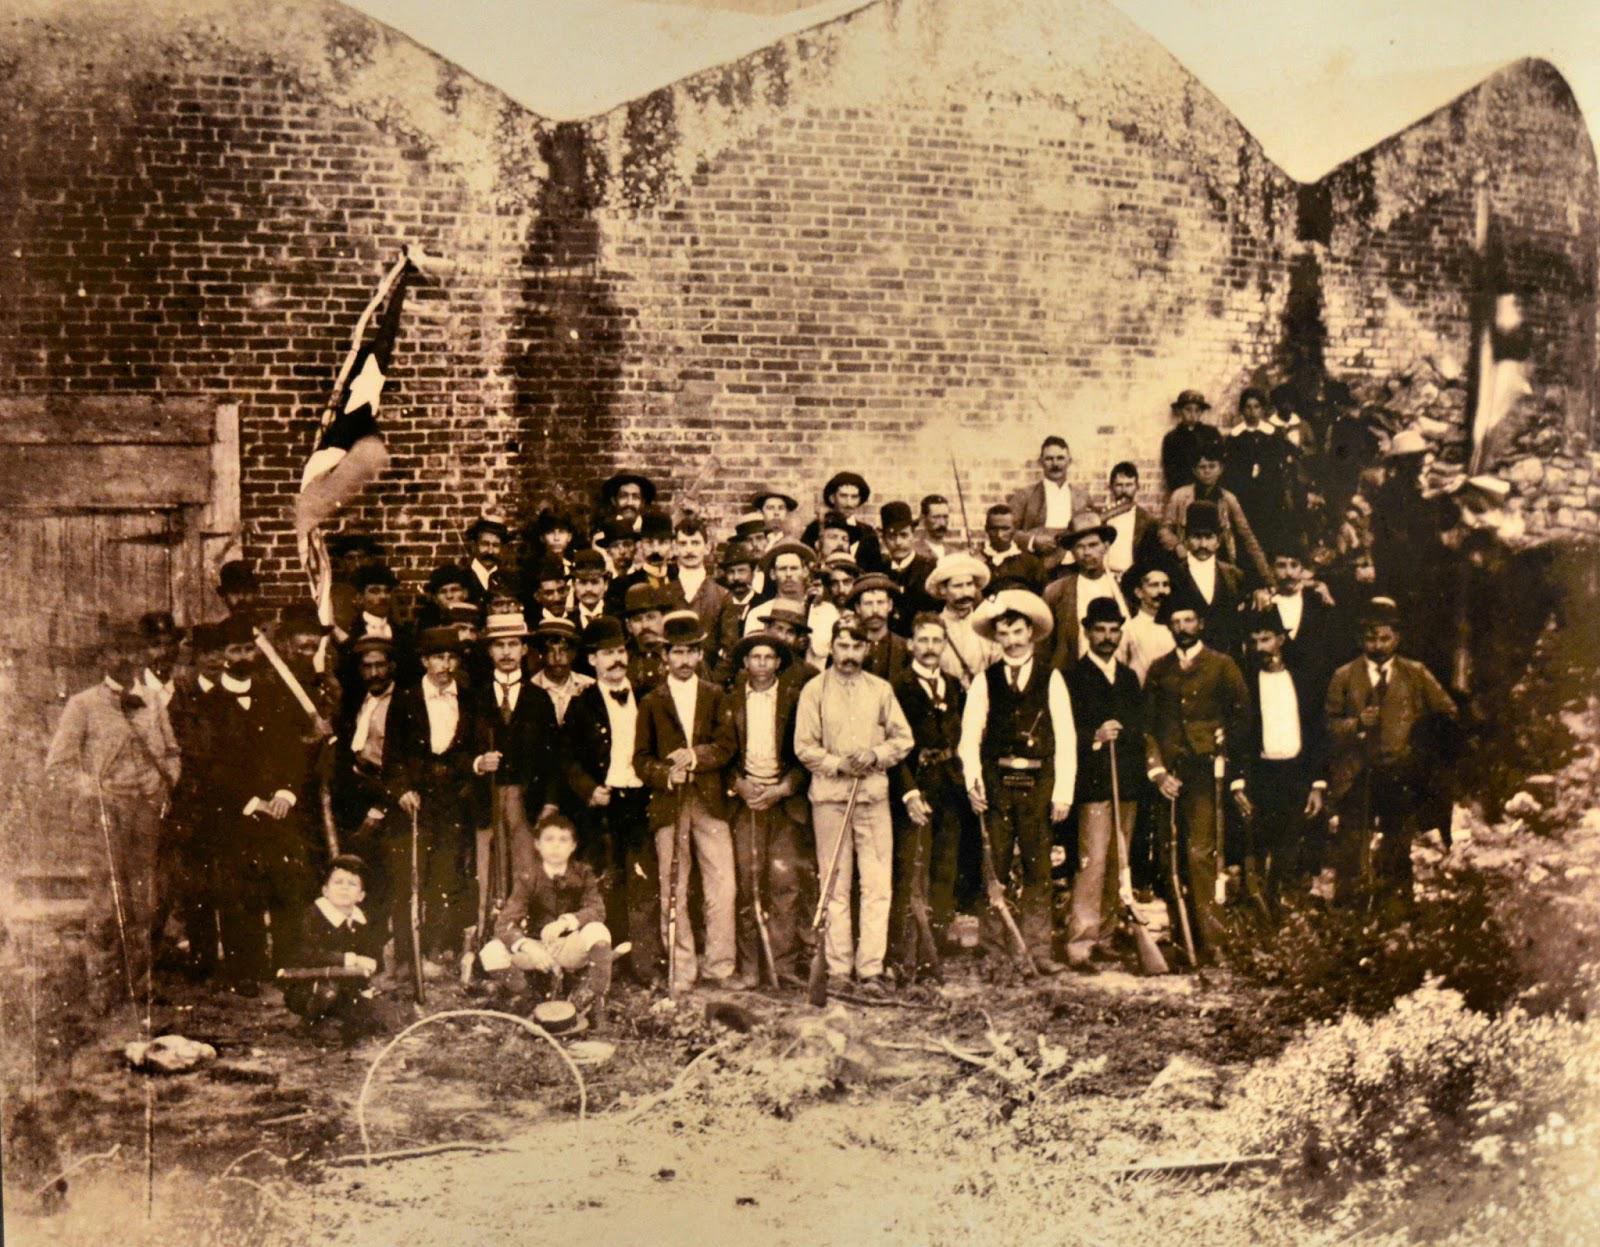 José_Martí_con_grupo_de_emigrados_cubanos_en_el_antiguo_fuerte_Martello_Tower_en_Cayo_hueso,_Estados_Unidos_1893 (2)